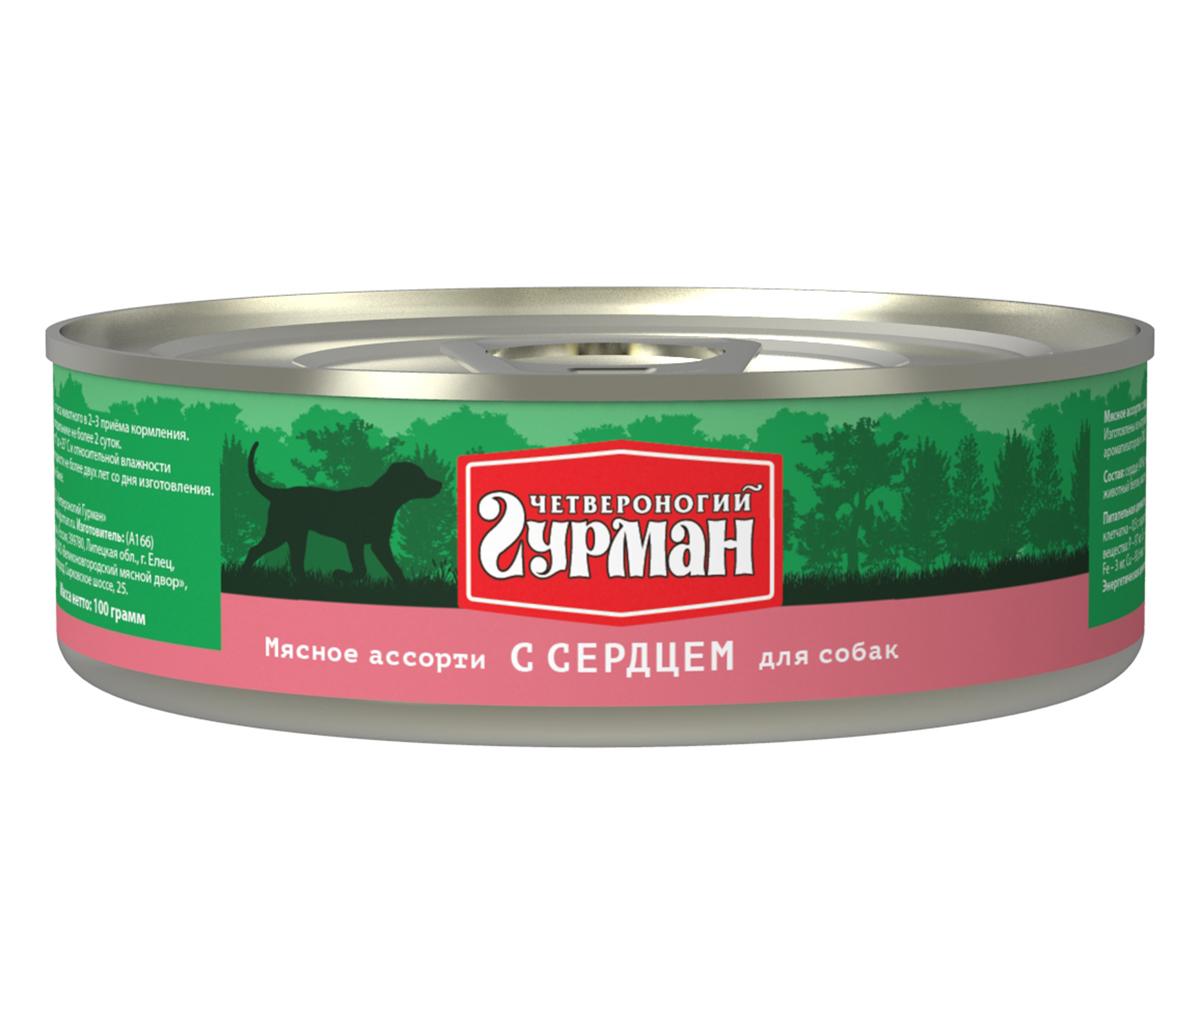 Консервы для собак Четвероногий гурман Мясное ассорти с сердцем, 100 г103101010Мясное ассорти - влажный мясной корм суперпремиум класса, состоящий из разных сортов мяса и качественных субпродуктов. Ведущая линейка торговой марки Четвероногий гурман. По консистенции продукт представляет собой кусочки из фарша размером 3-15 мм. В состав входит коллаген. Его компоненты (хондроитин и глюкозамин) положительно воздействуют на суставы питомца. Корм не содержит злаков и овощей. Состав: сердце (40%), рубец (28%), легкое, коллагенсодержащее сырьё, животный белок, масло растительное, соль, вода. Вес: 100 г.